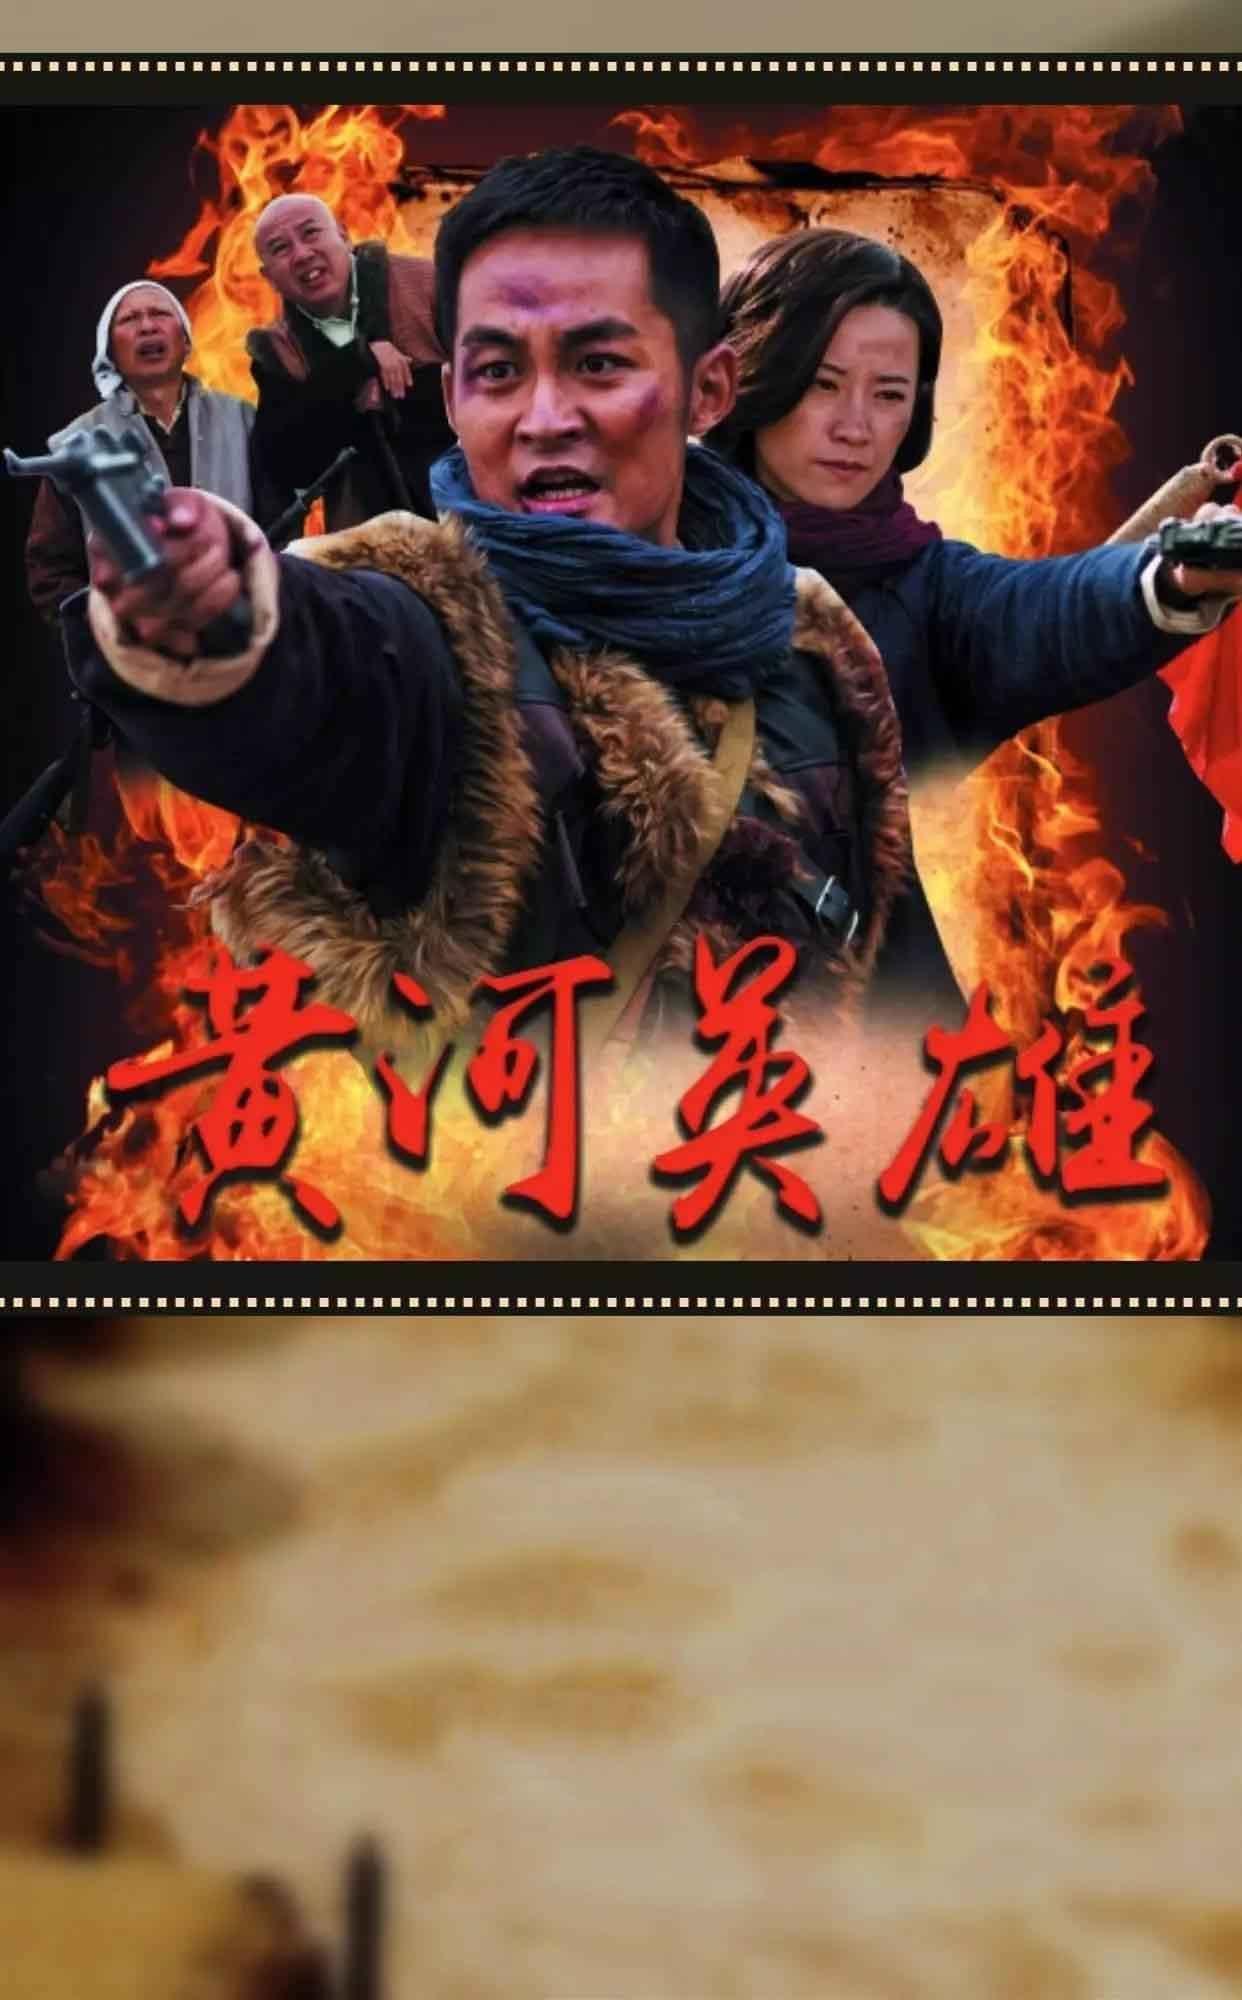 黄河英雄 普通话